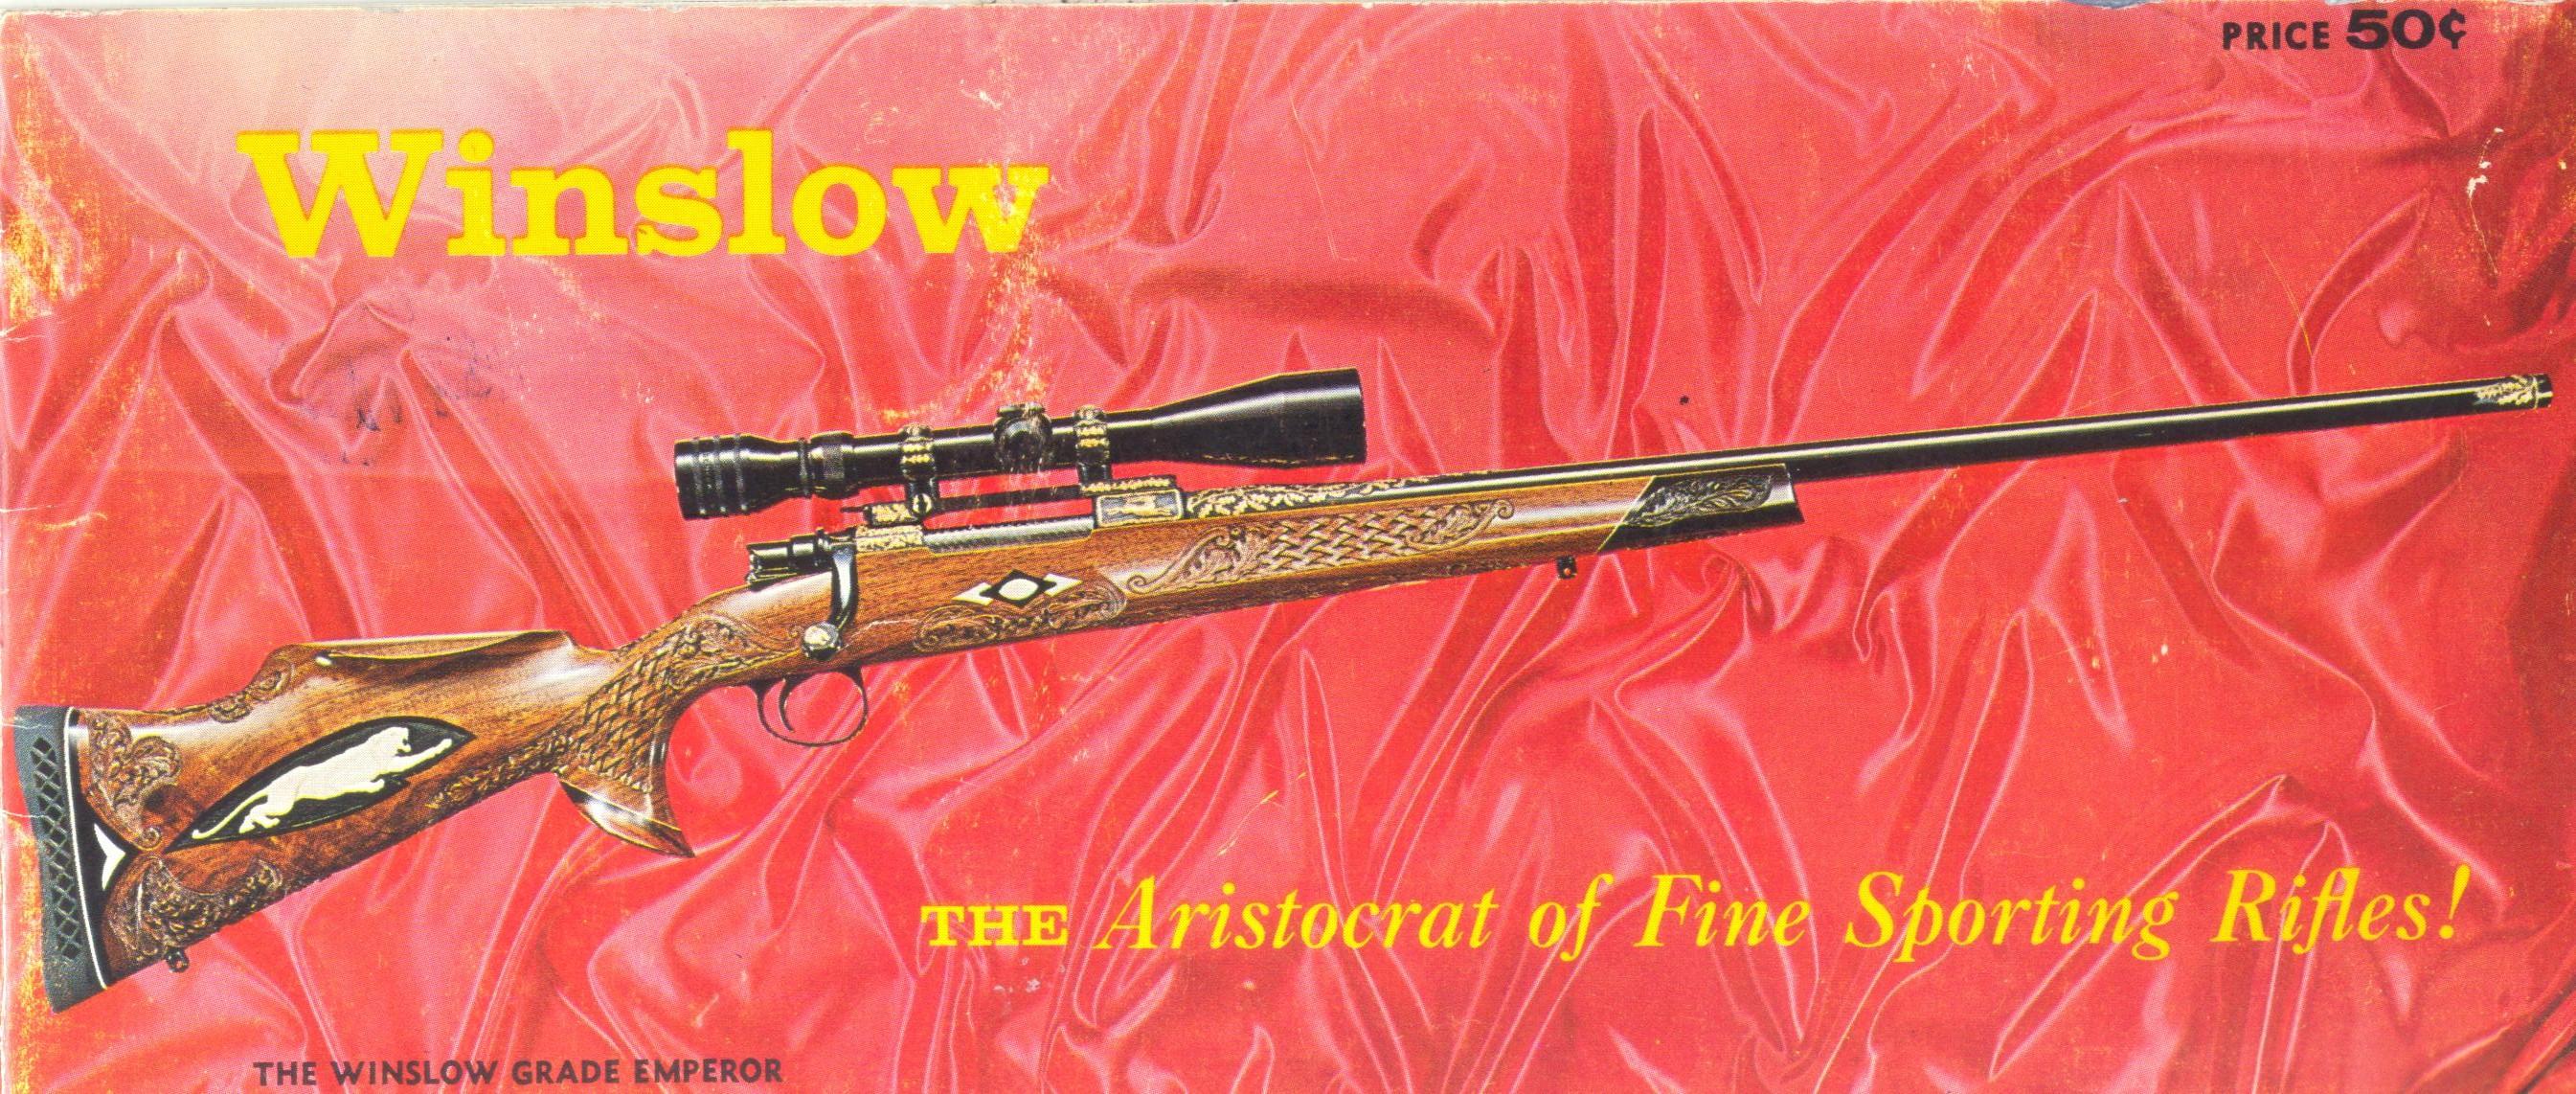 Winslow 001